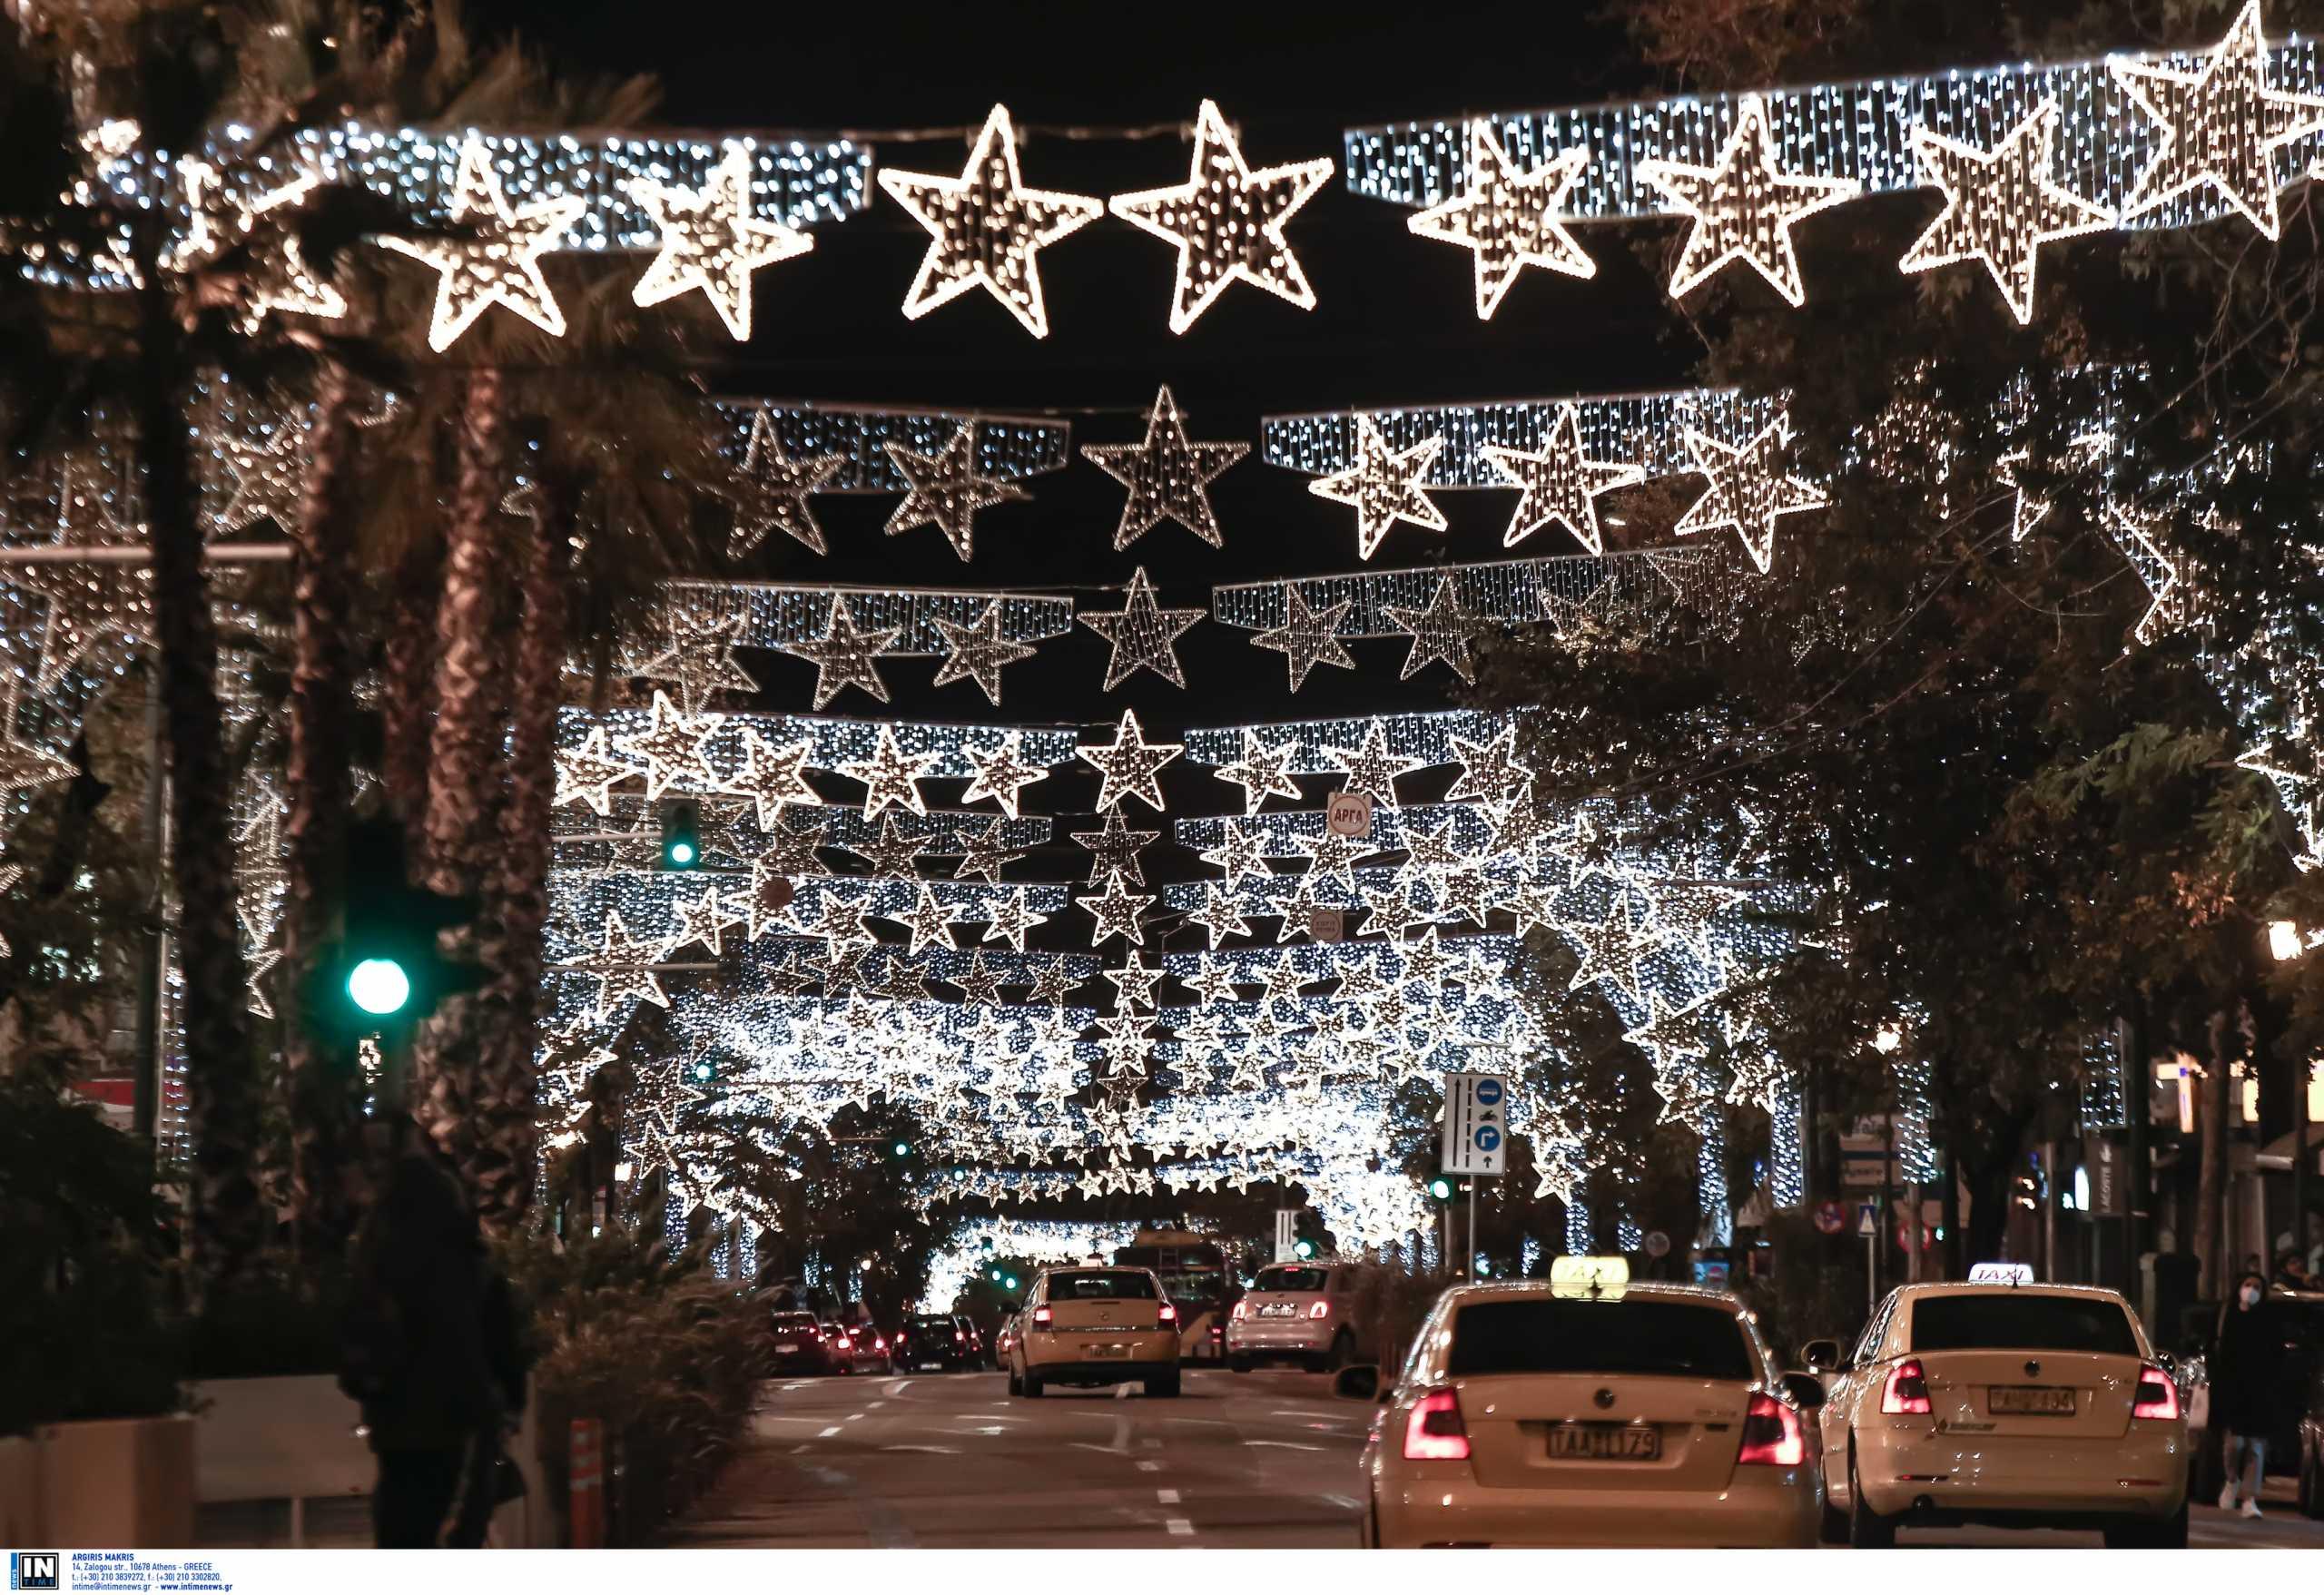 Ρεβεγιόν Χριστουγέννων: Όλα τα μέτρα – Χιλιάδες αστυνομικοί στους δρόμους – Γυρίστε σπίτι πριν νυχτώσει